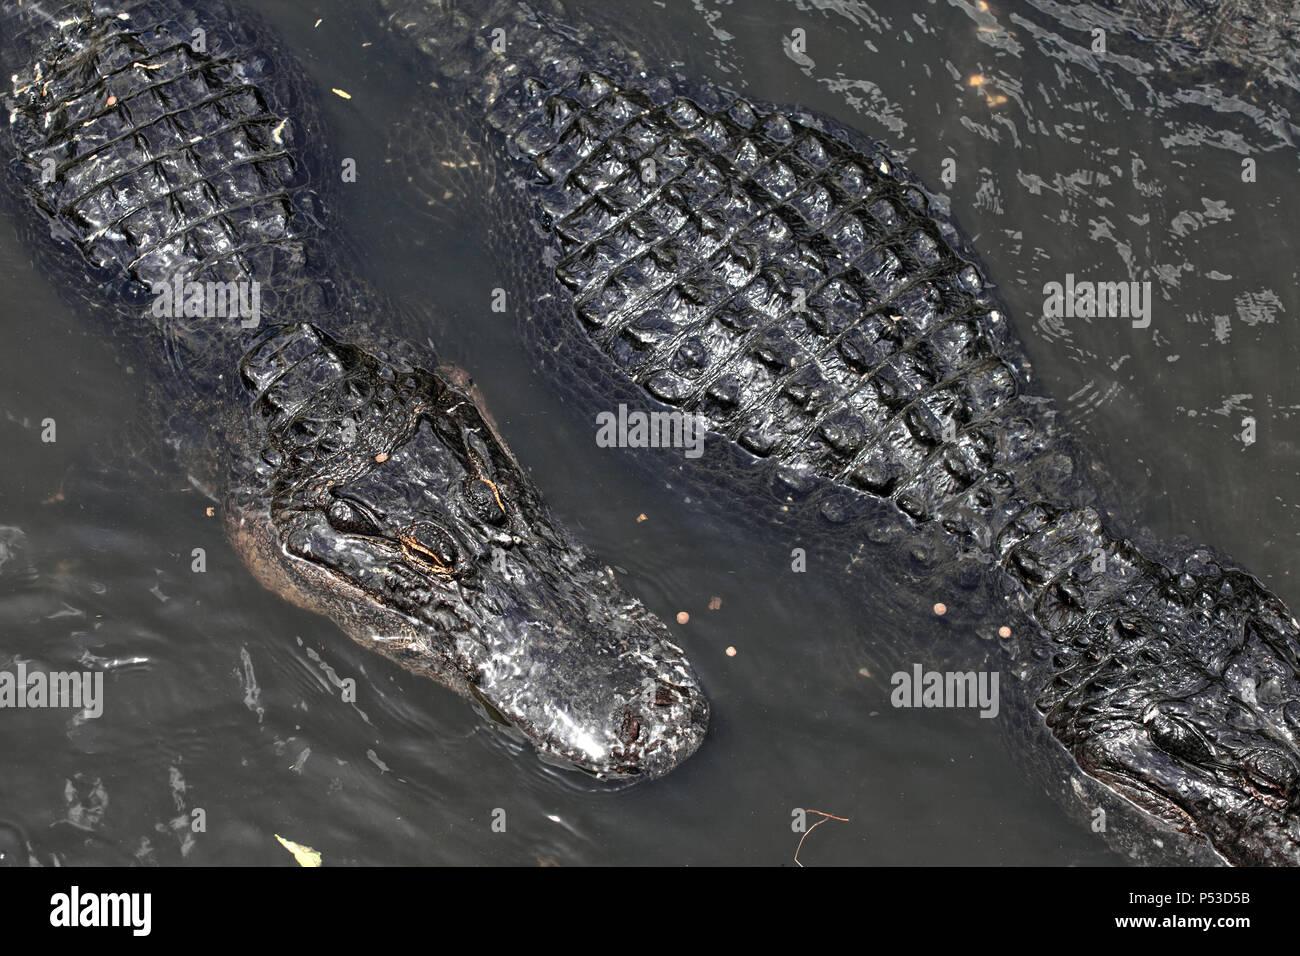 Immagine ravvicinata di alligatori galleggiante sull'acqua Immagini Stock